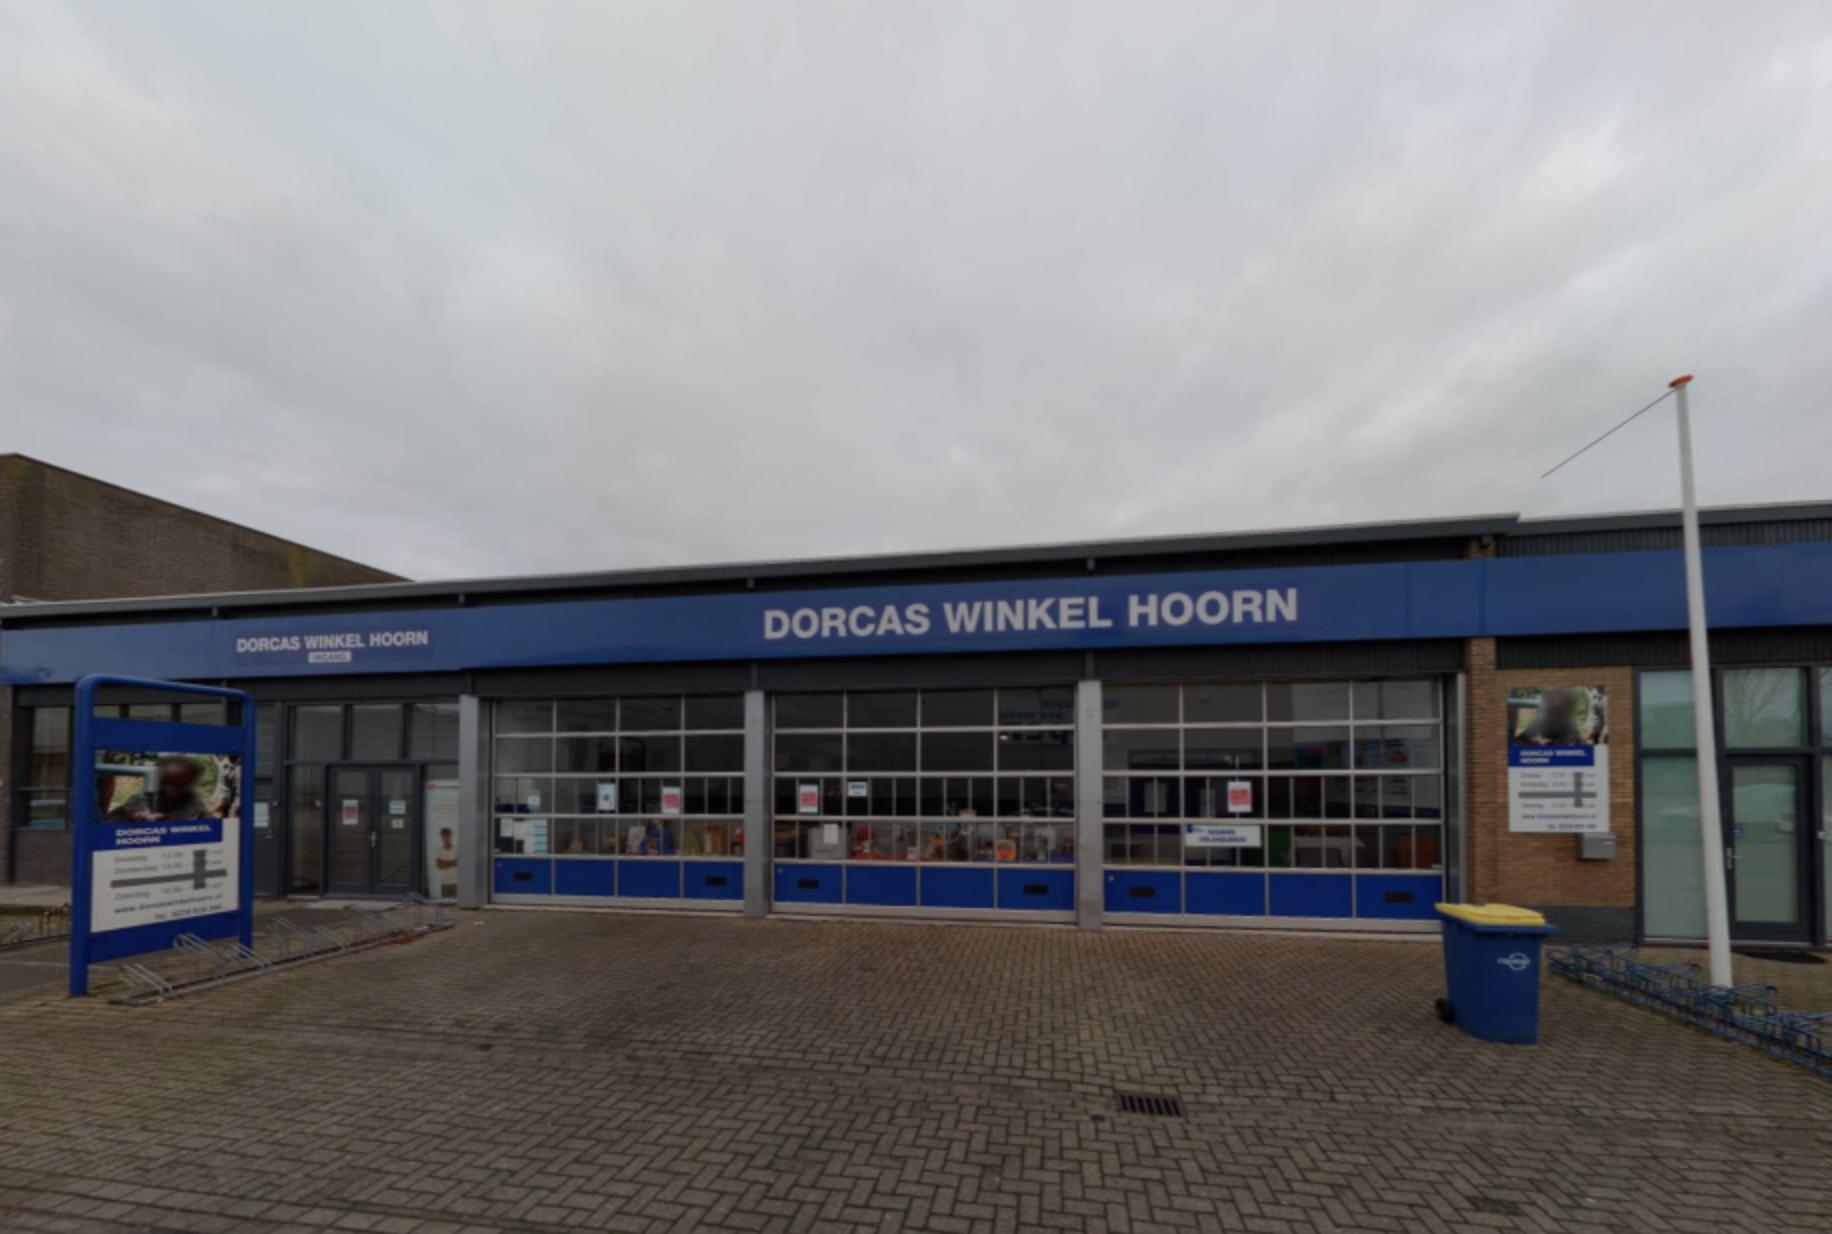 Jubileumweek bij kringloopwinkel in Hoorn, ter ere van 40-jarig bestaan hulporganisatie Dorcas